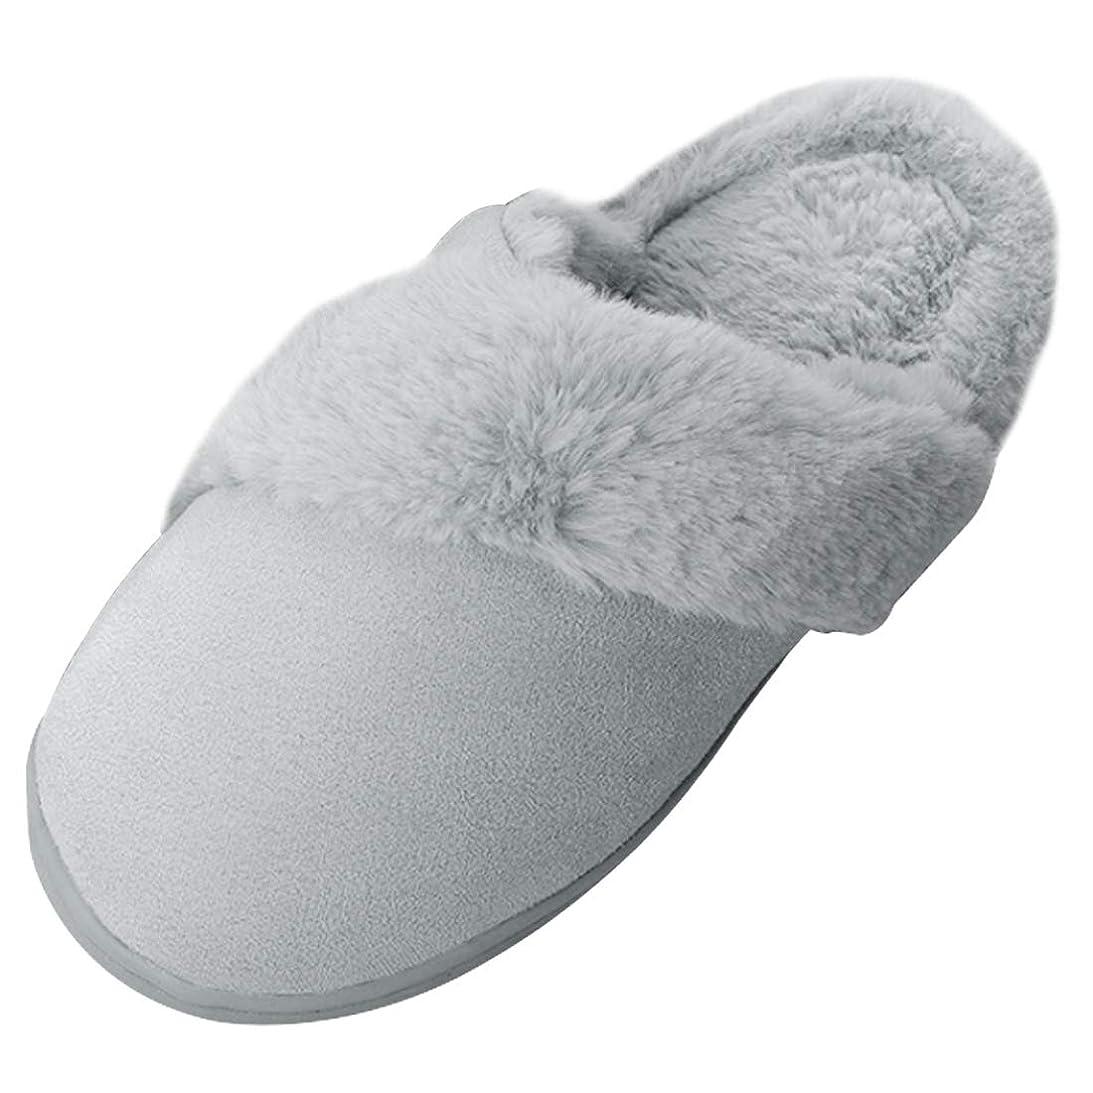 観客息切れ終了しました[Aiweijia] 男性と女性のカップルunisexノンスリップ屋内綿は、つま先スリッパ冬の暖かい家の耐久性のある唯一のカジュアルシューズを閉じた